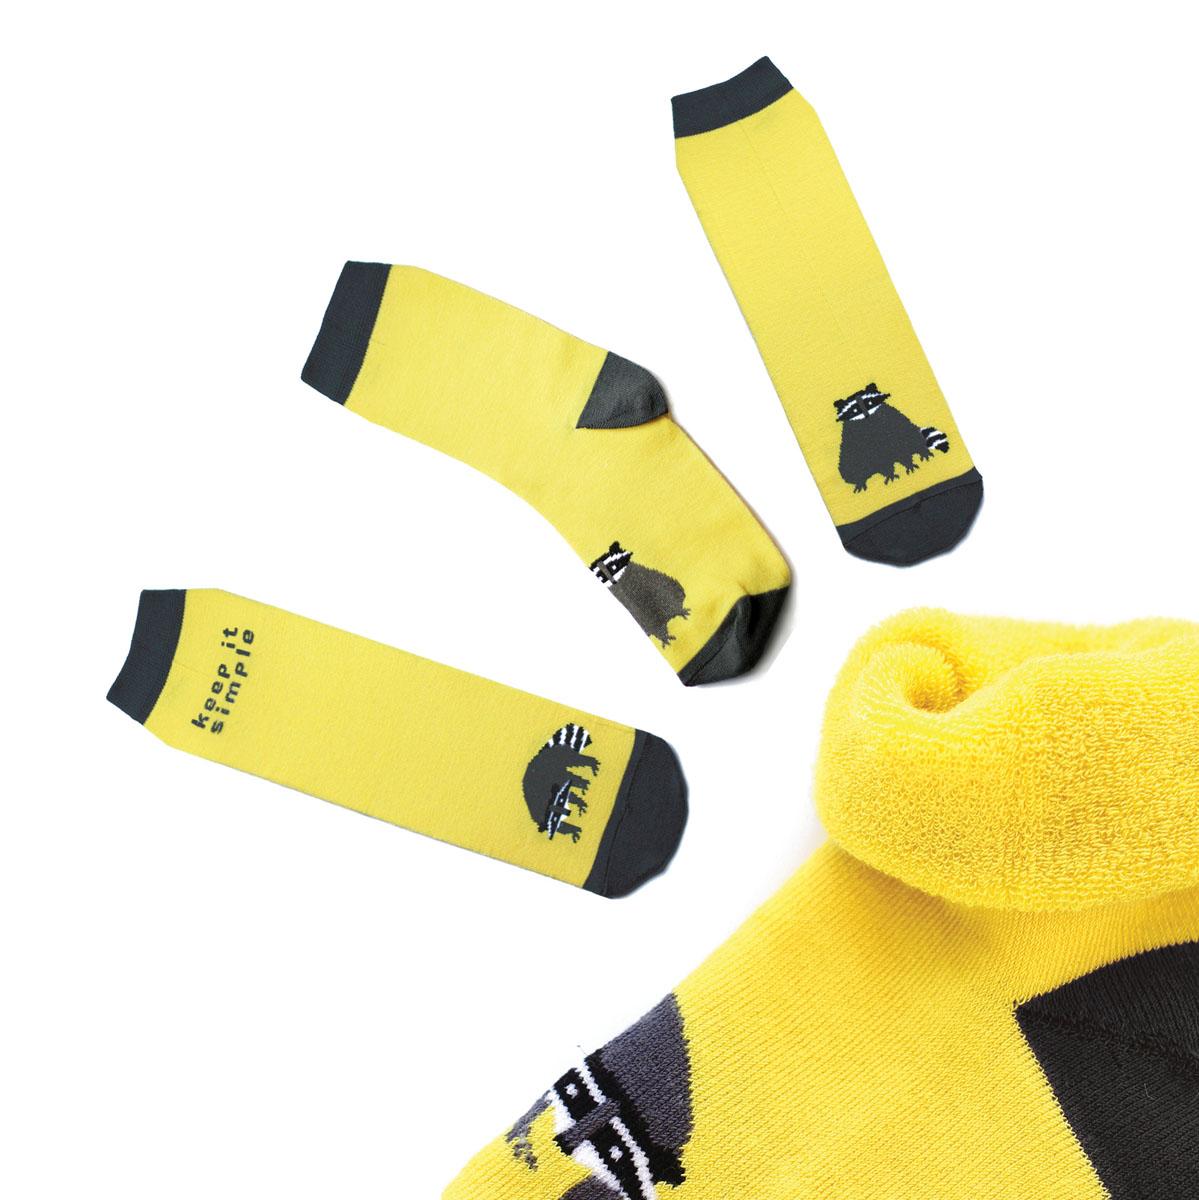 Фото Носки мужские Big Bang Socks, махровые, цвет: желтый, черный. ca1233. Размер 40/44. Купить  в РФ